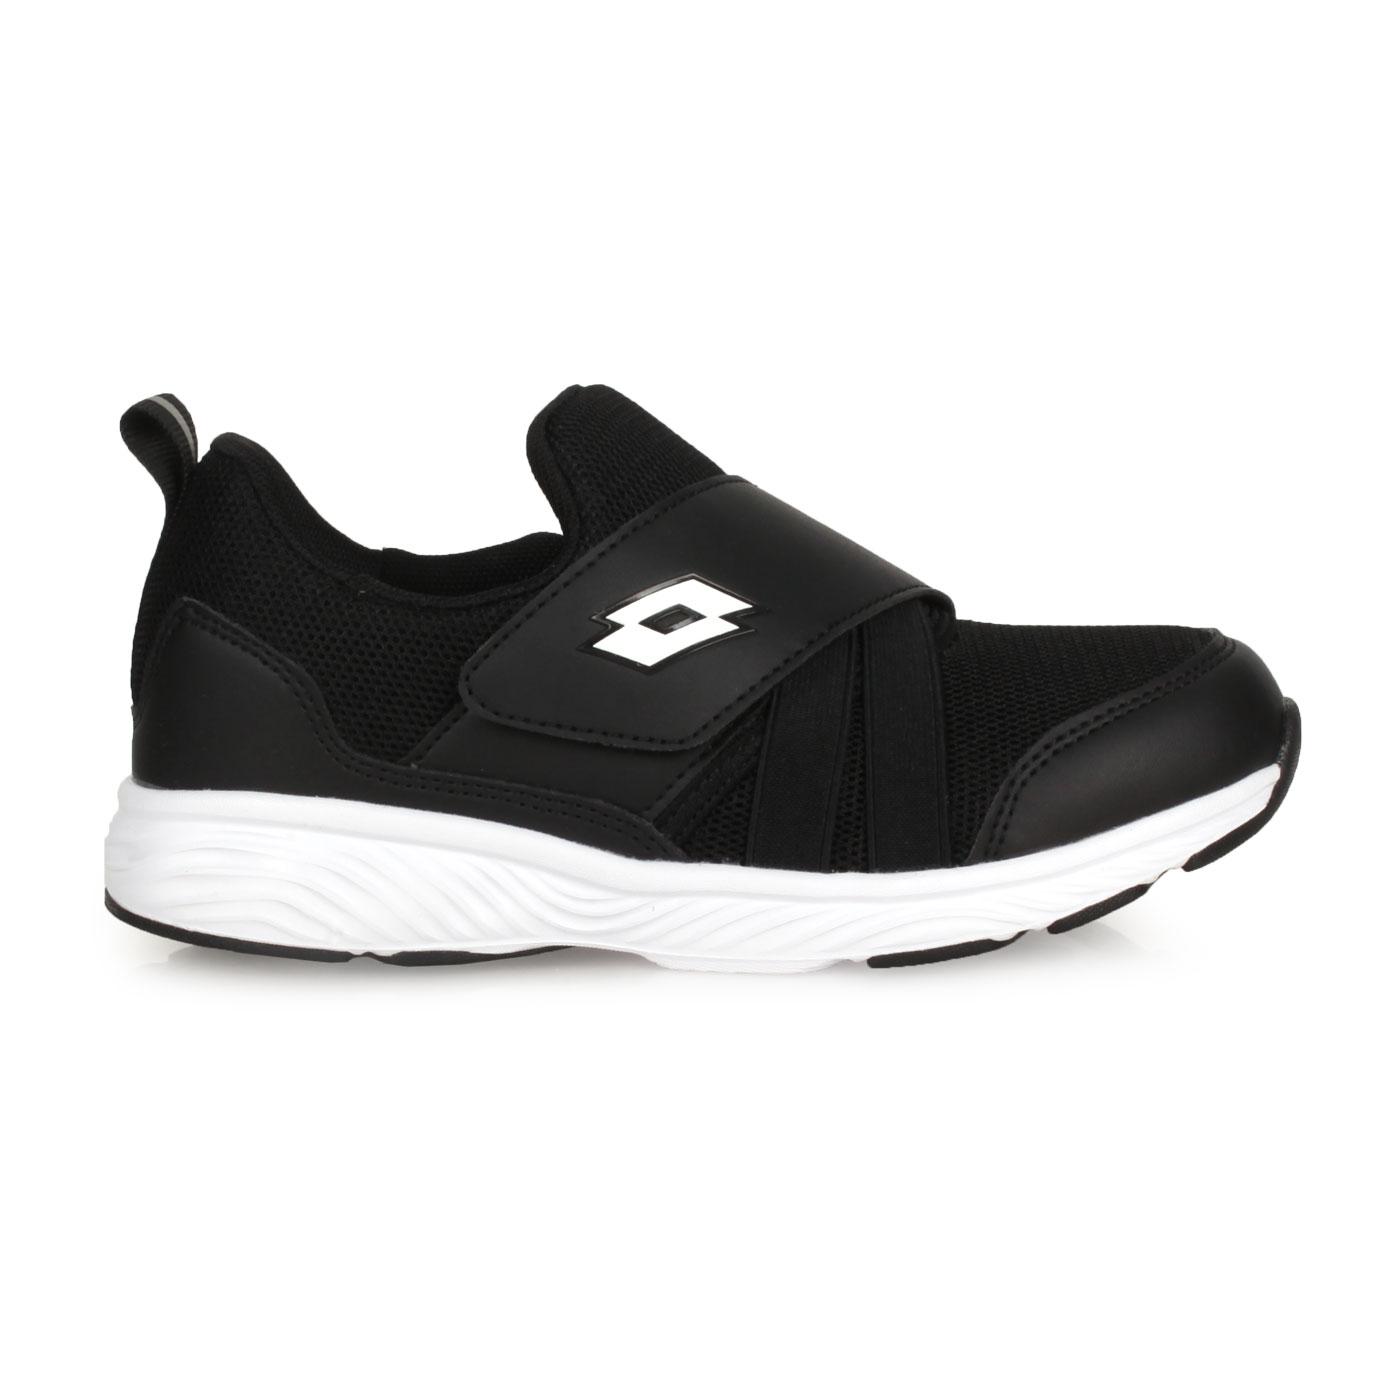 LOTTO 大童活力輕跑鞋 LT0AKR1780